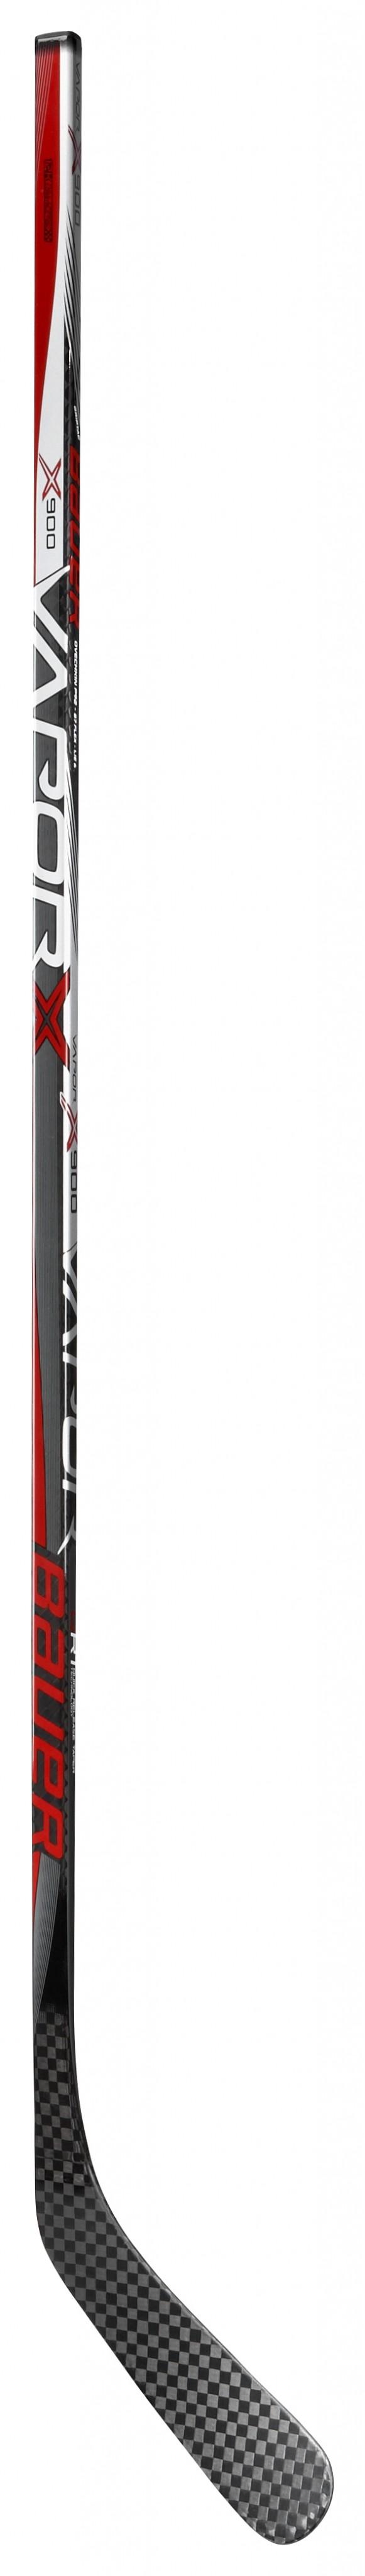 X900 GRIP STICK SR NEW